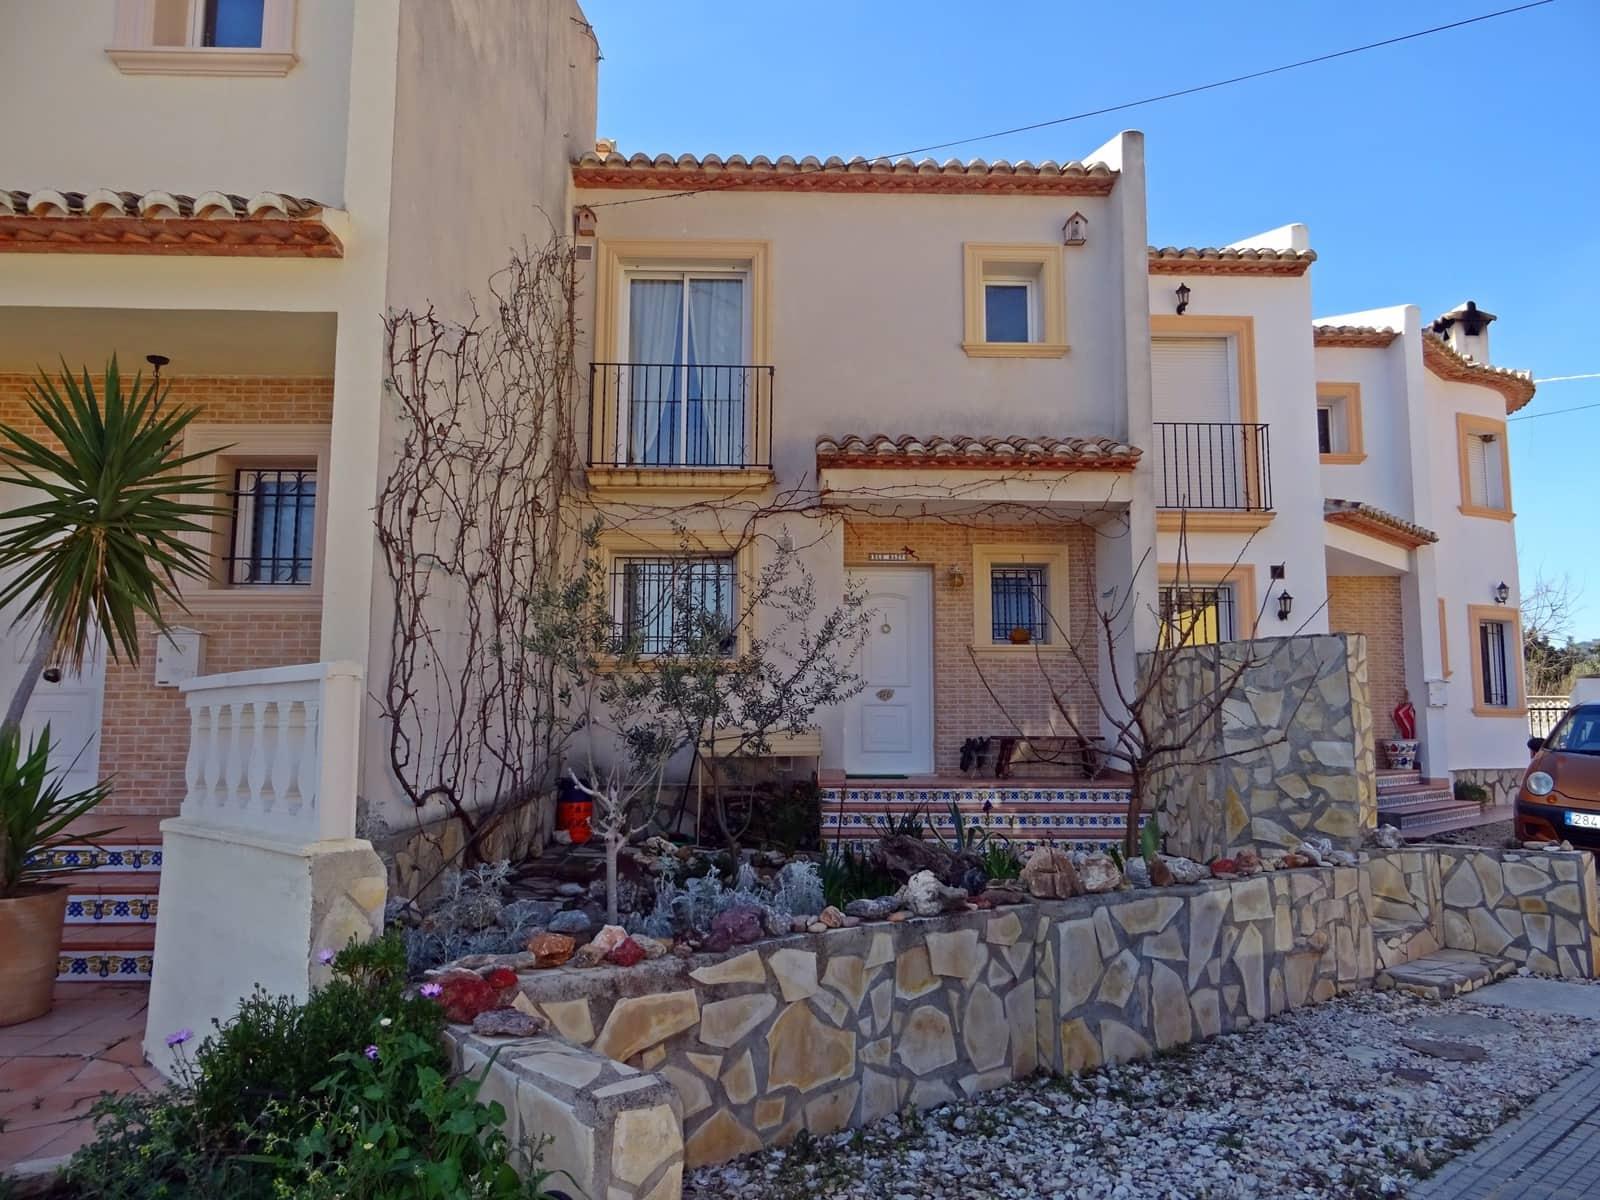 3 sypialnia Dom szeregowy na sprzedaż w Benigembla / Benichembla - 106 000 € (Ref: 283788)